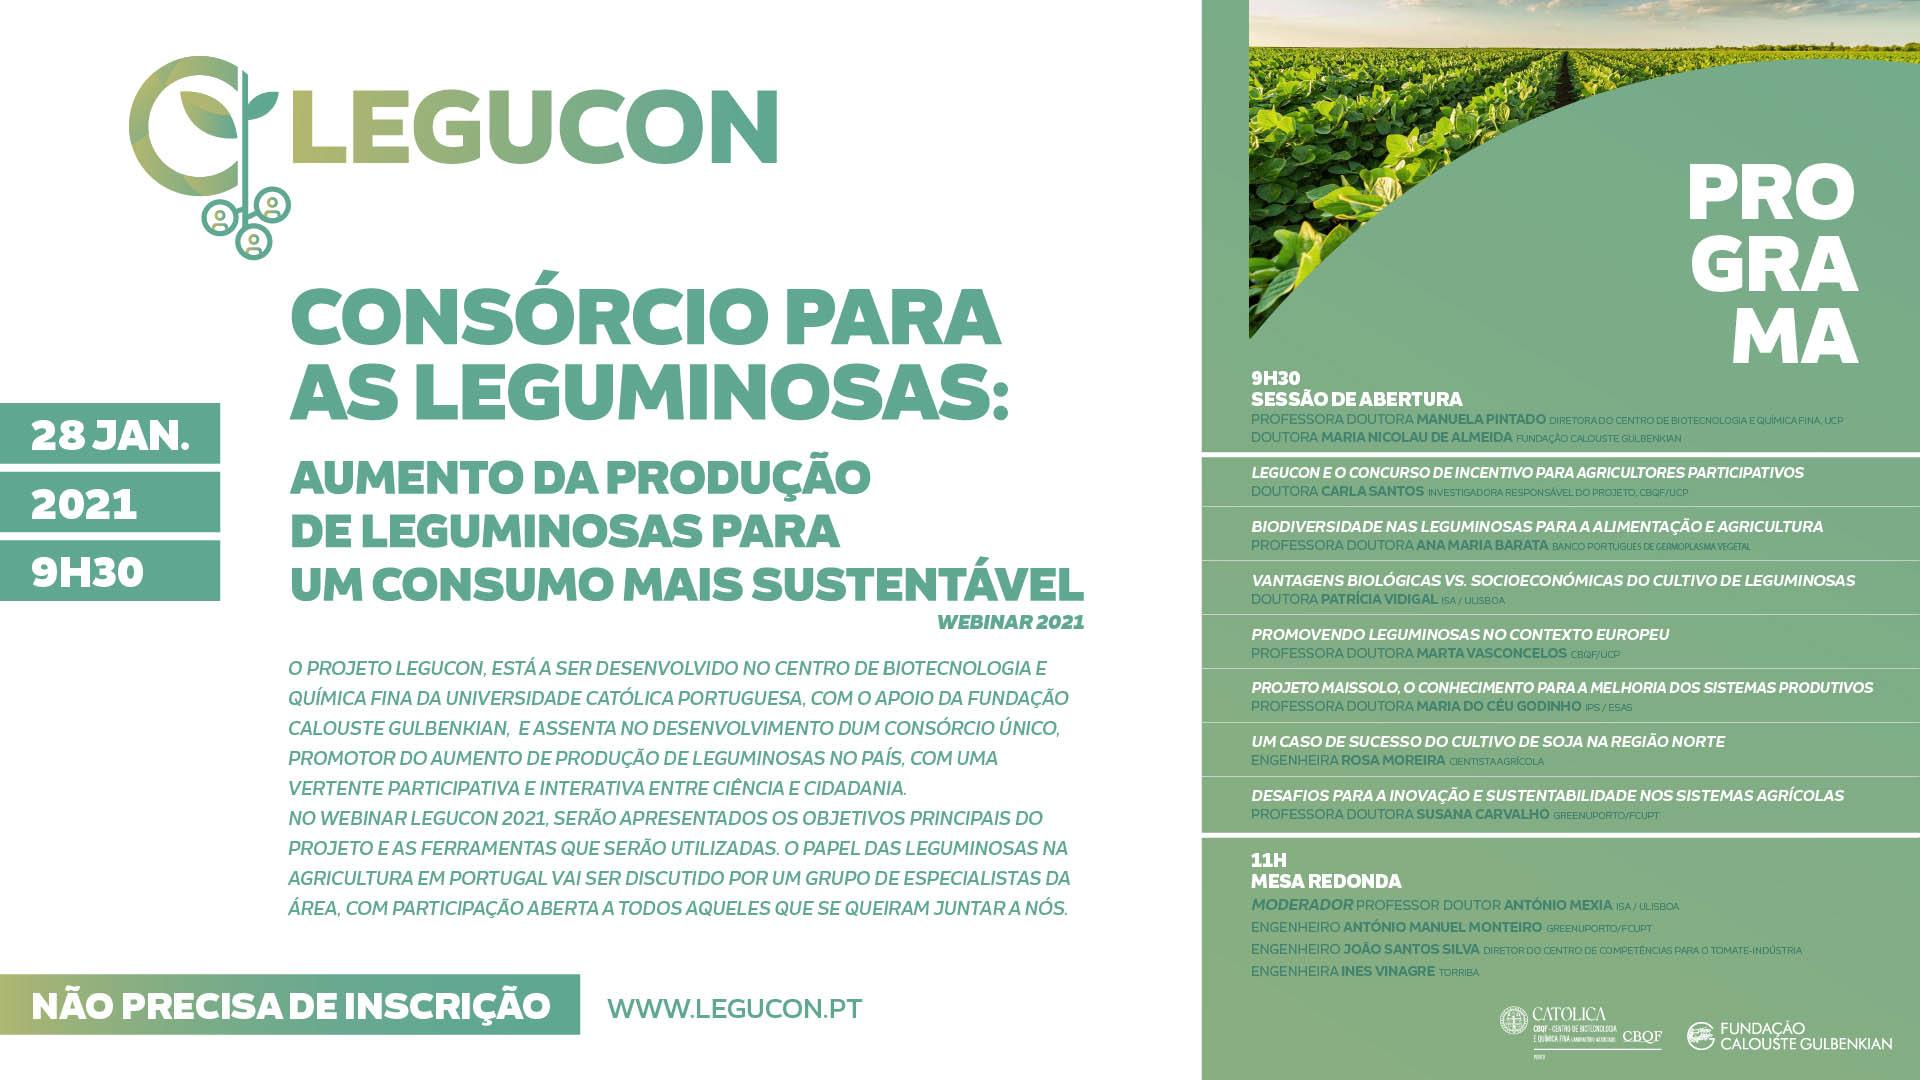 Legucon 2021